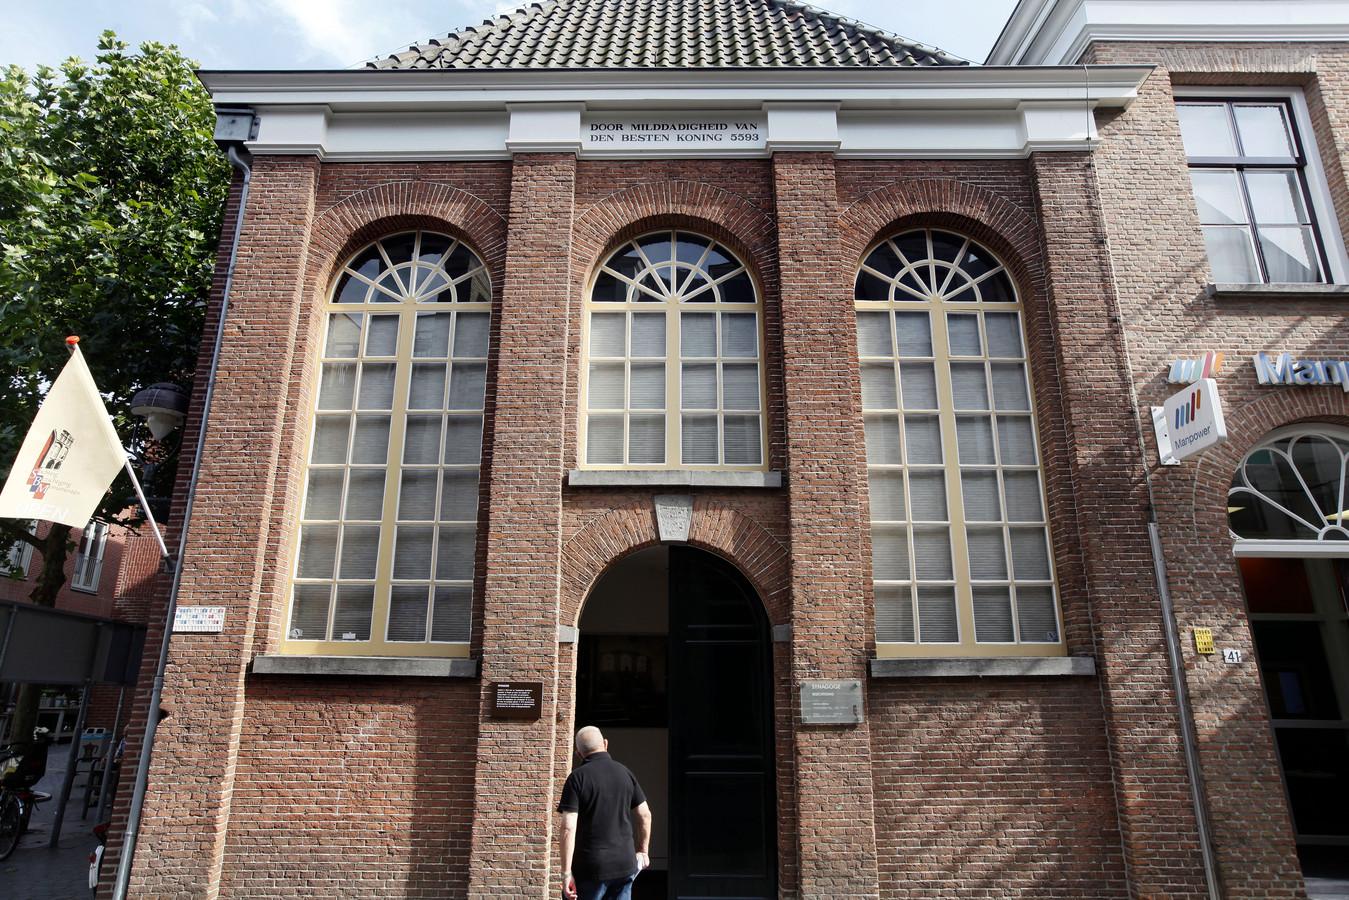 De voormalige synagoge aan de Koevoetstraat is een rijksmonument.